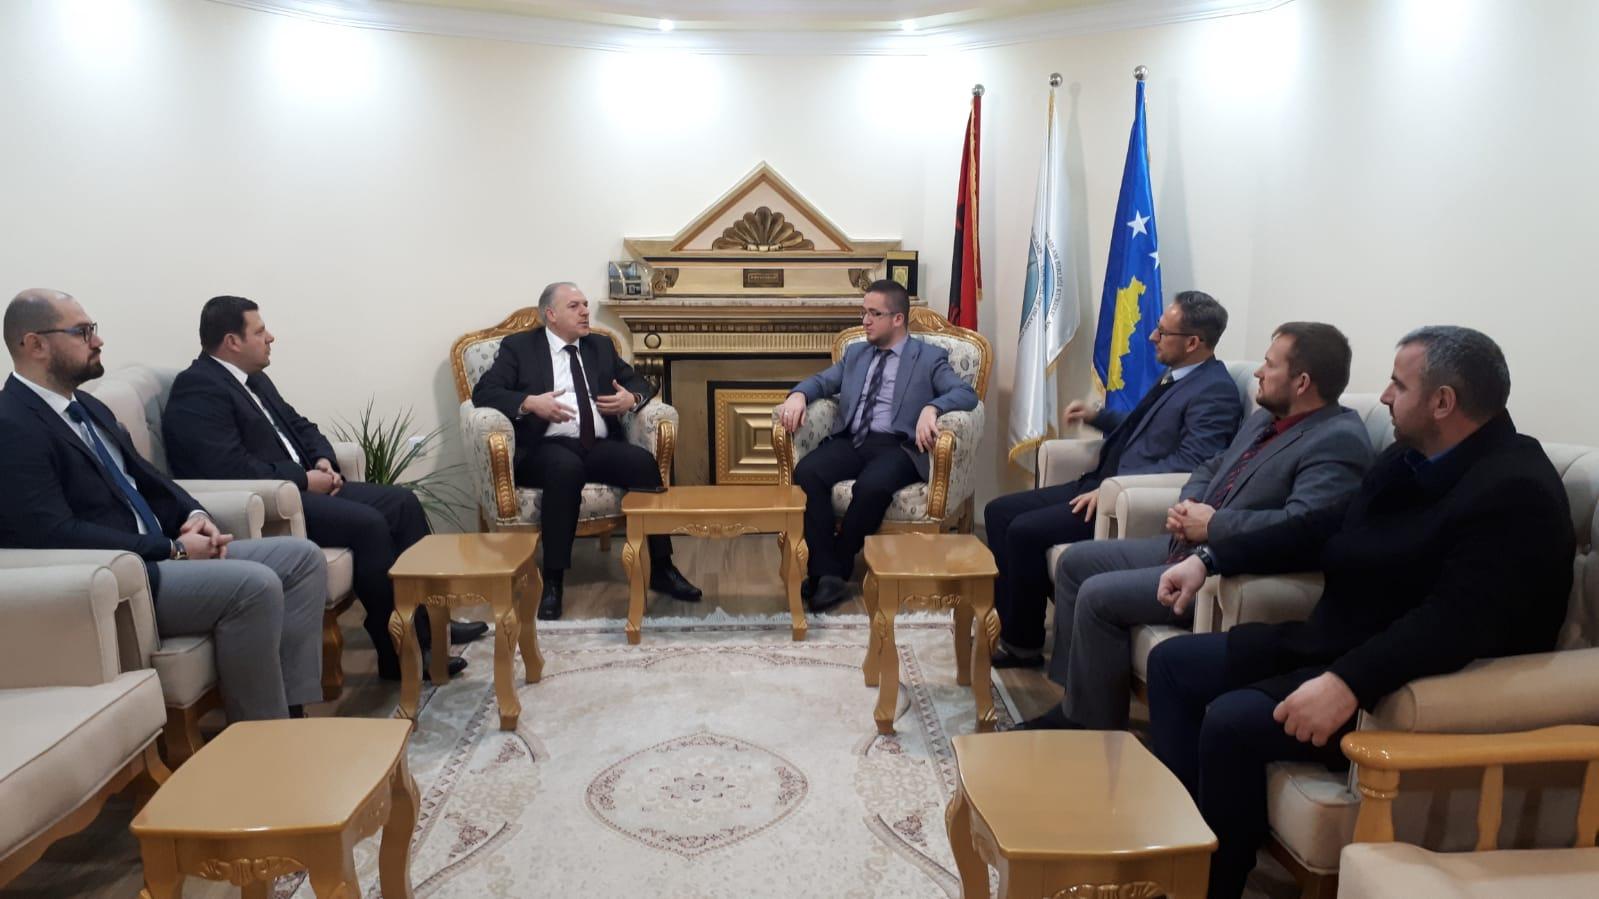 Prizren İslam Birliği Ziyareti